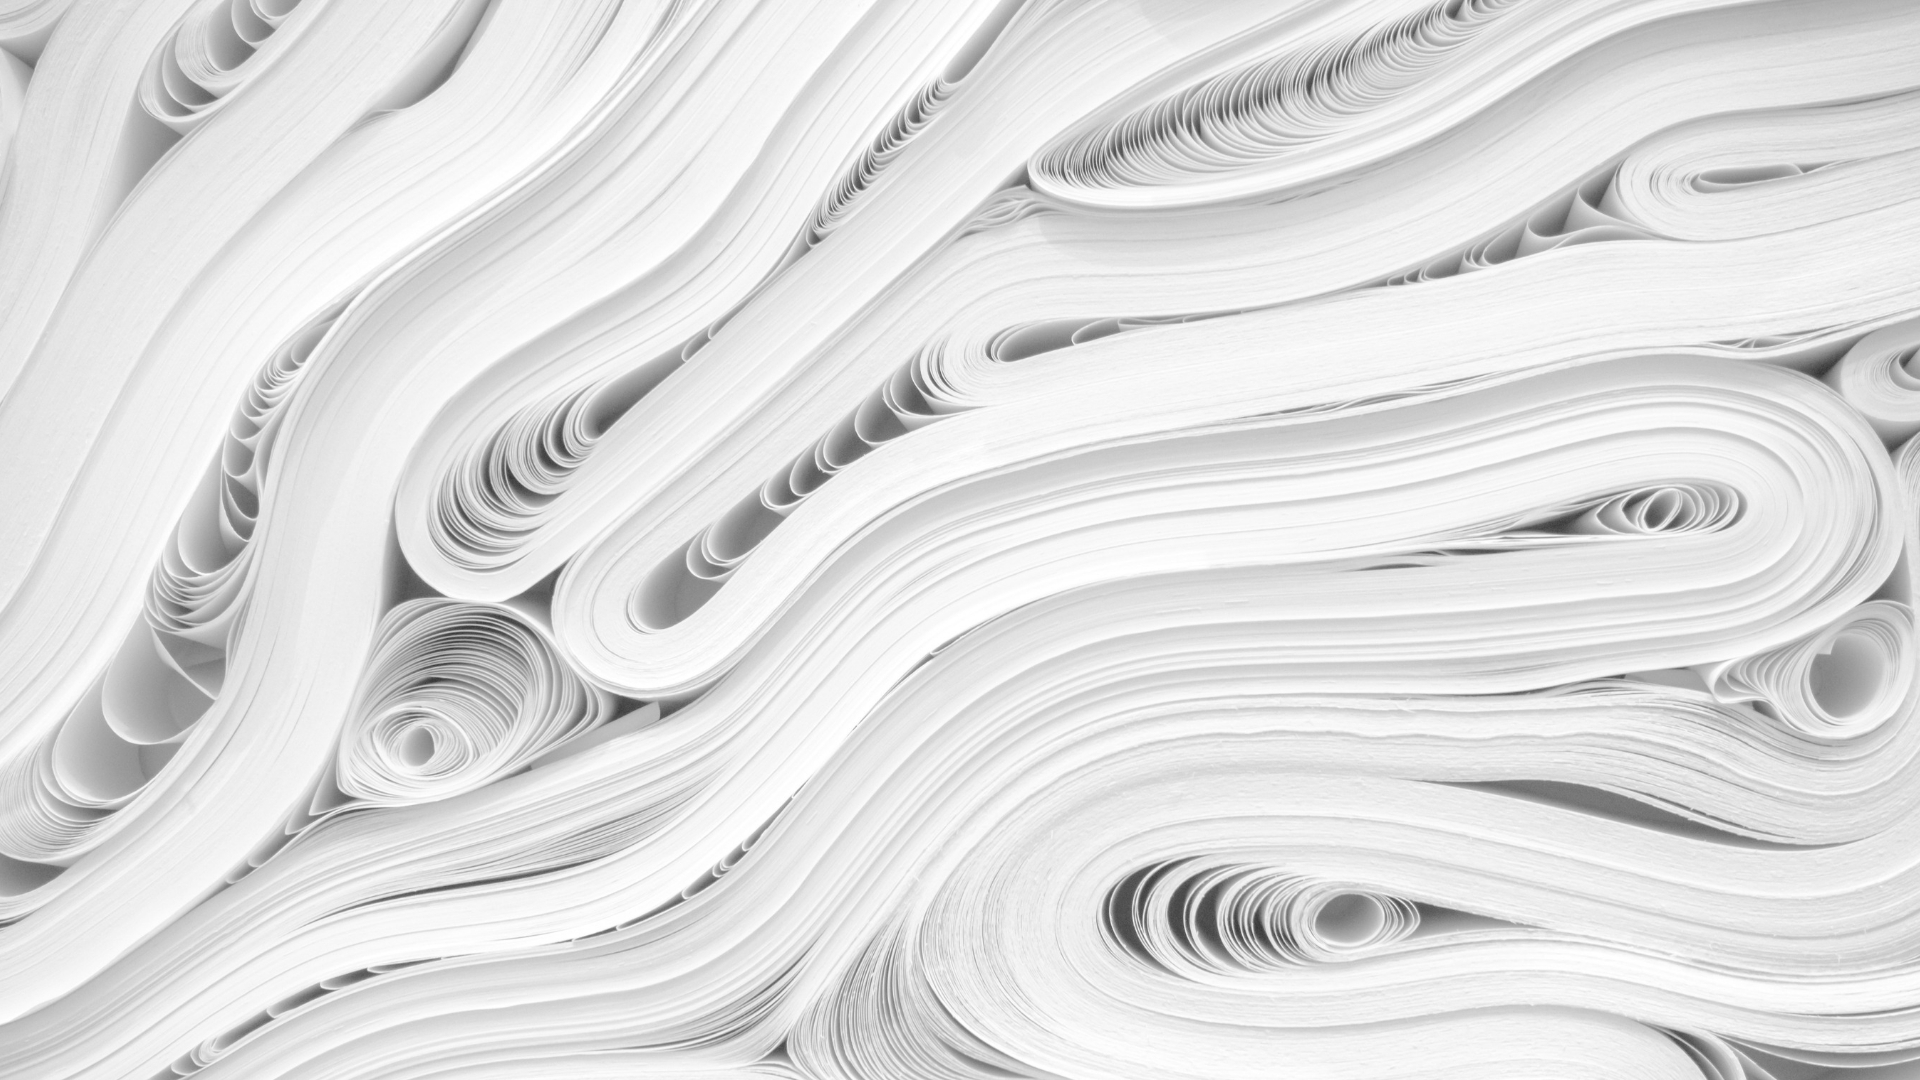 azienda paperless9 vantaggi della digitalizzazione documentale per un'azienda paperless